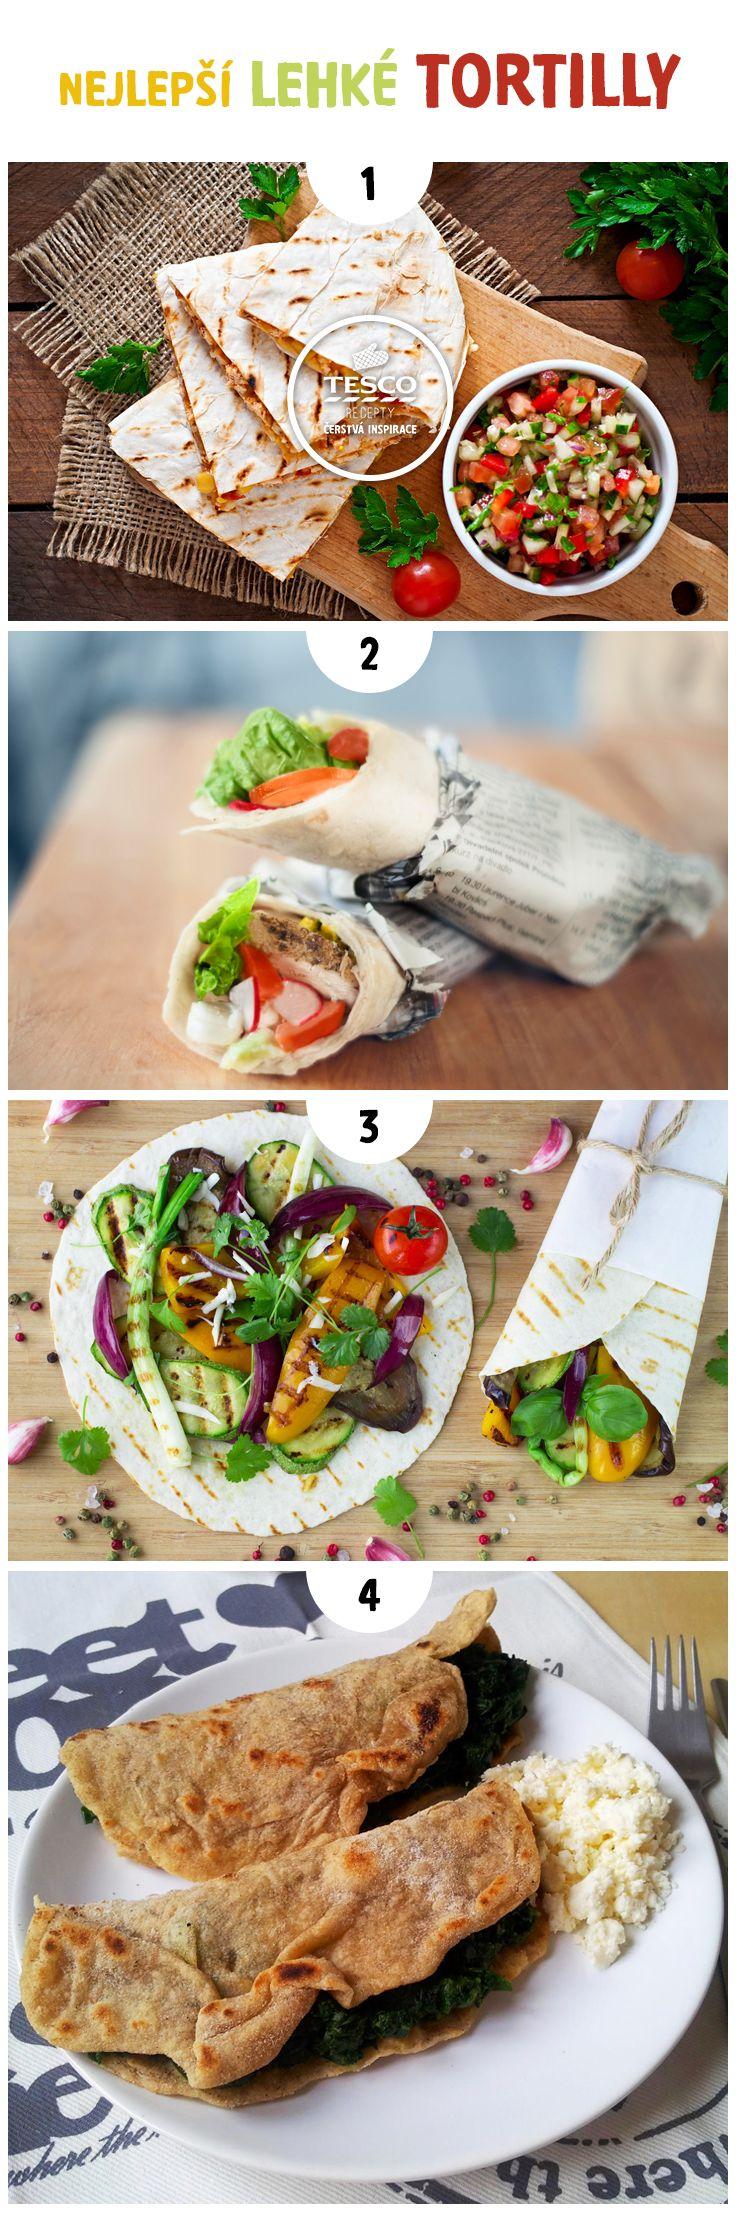 Připravte lehkou tortillu jako ideální oběd pro horký letní den!